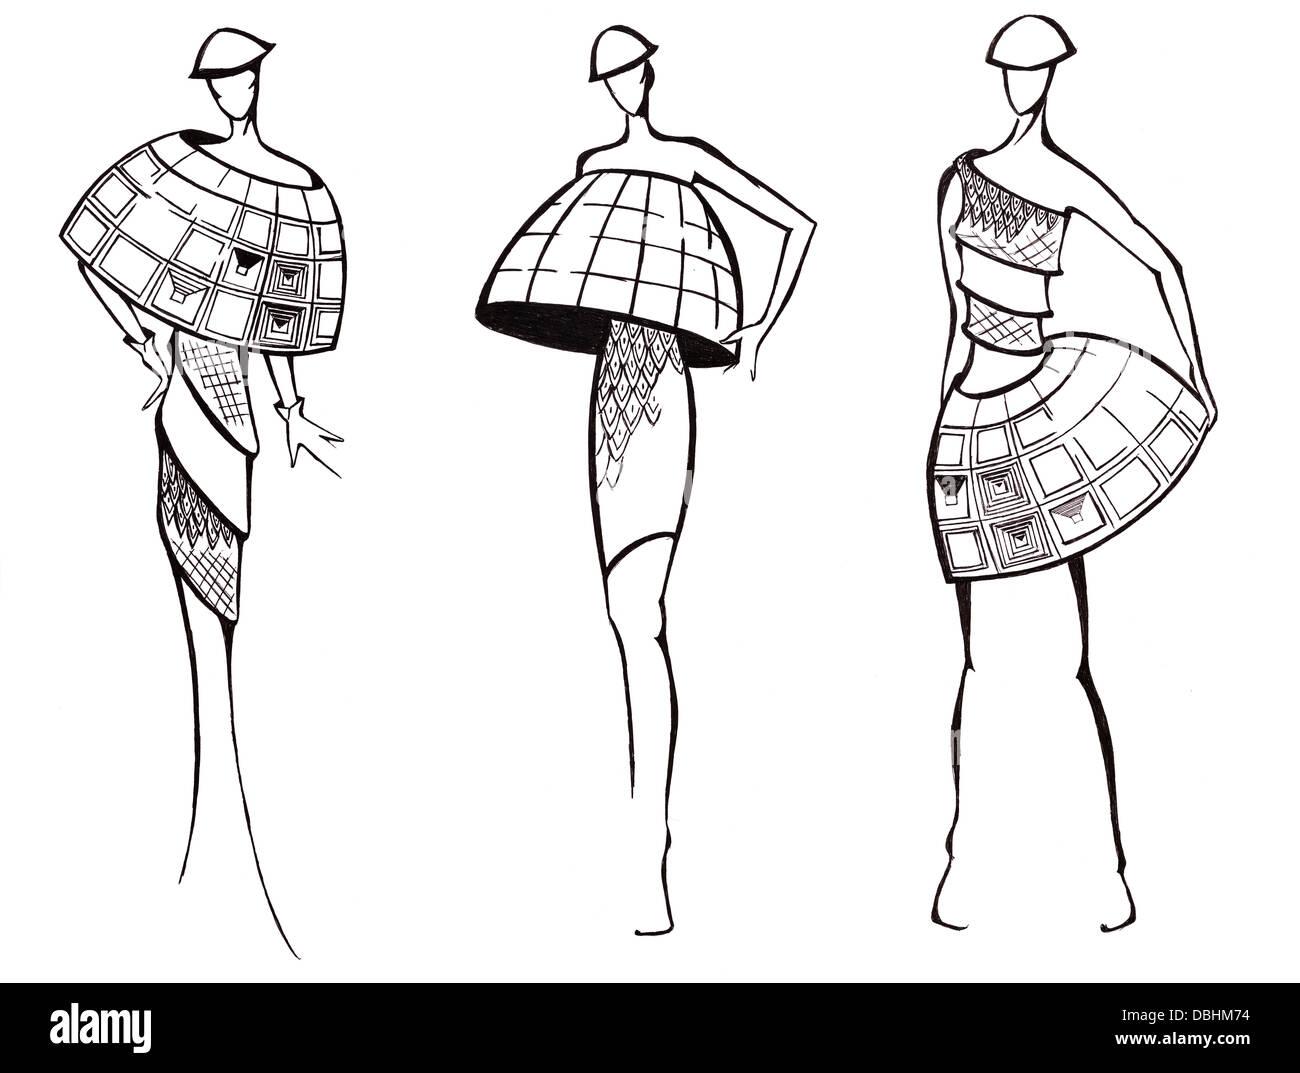 Ziemlich Kleider Design Vorlagen Ideen - Entry Level Resume Vorlagen ...